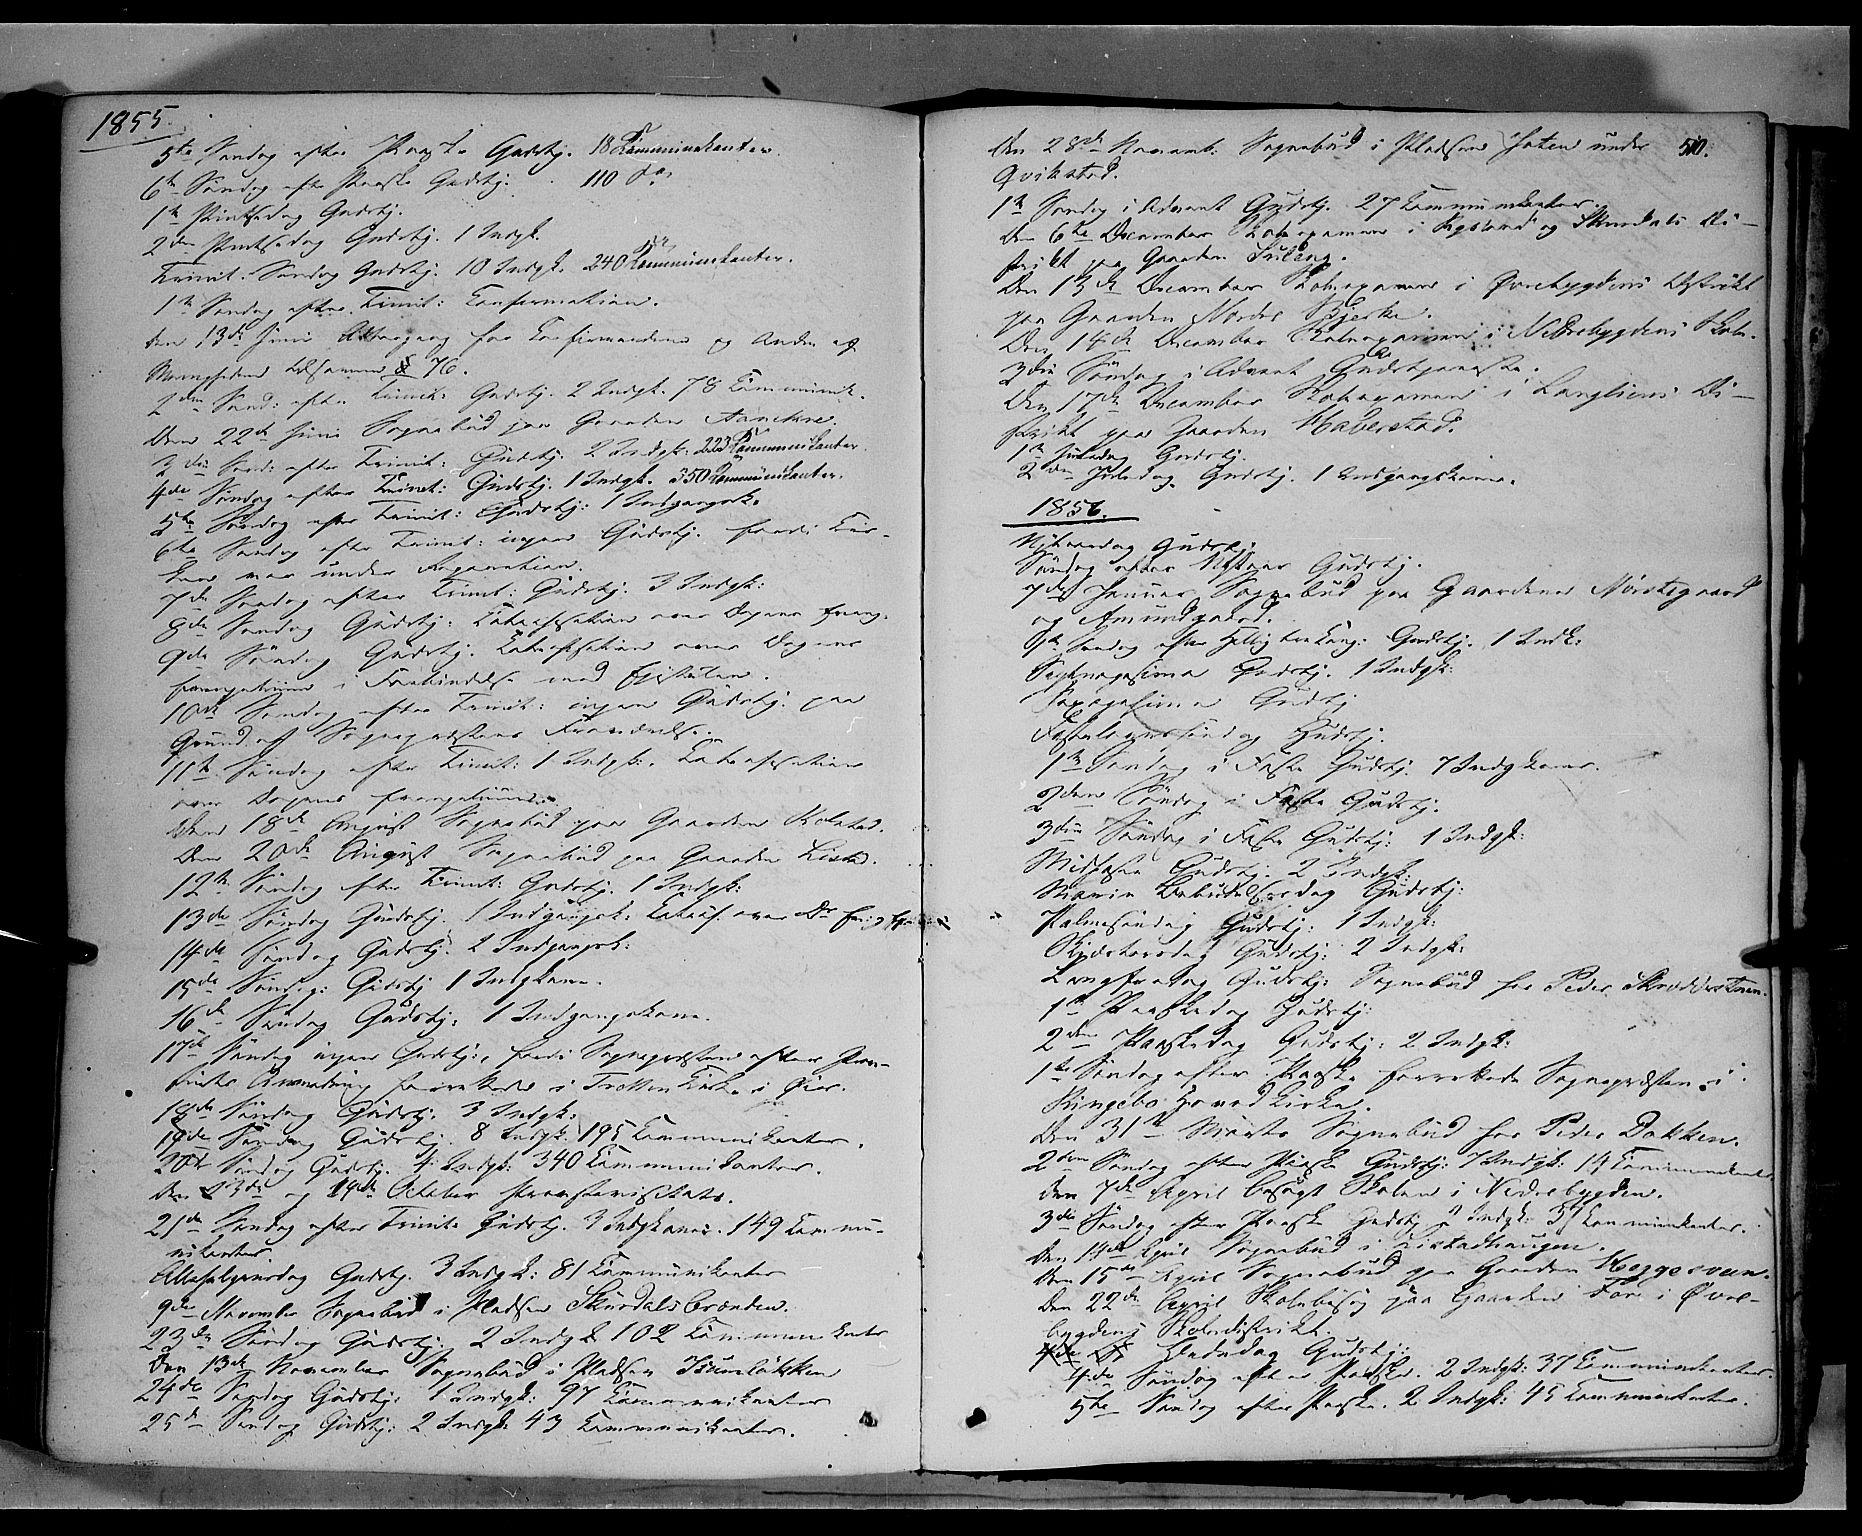 SAH, Sør-Fron prestekontor, H/Ha/Haa/L0001: Ministerialbok nr. 1, 1849-1863, s. 510